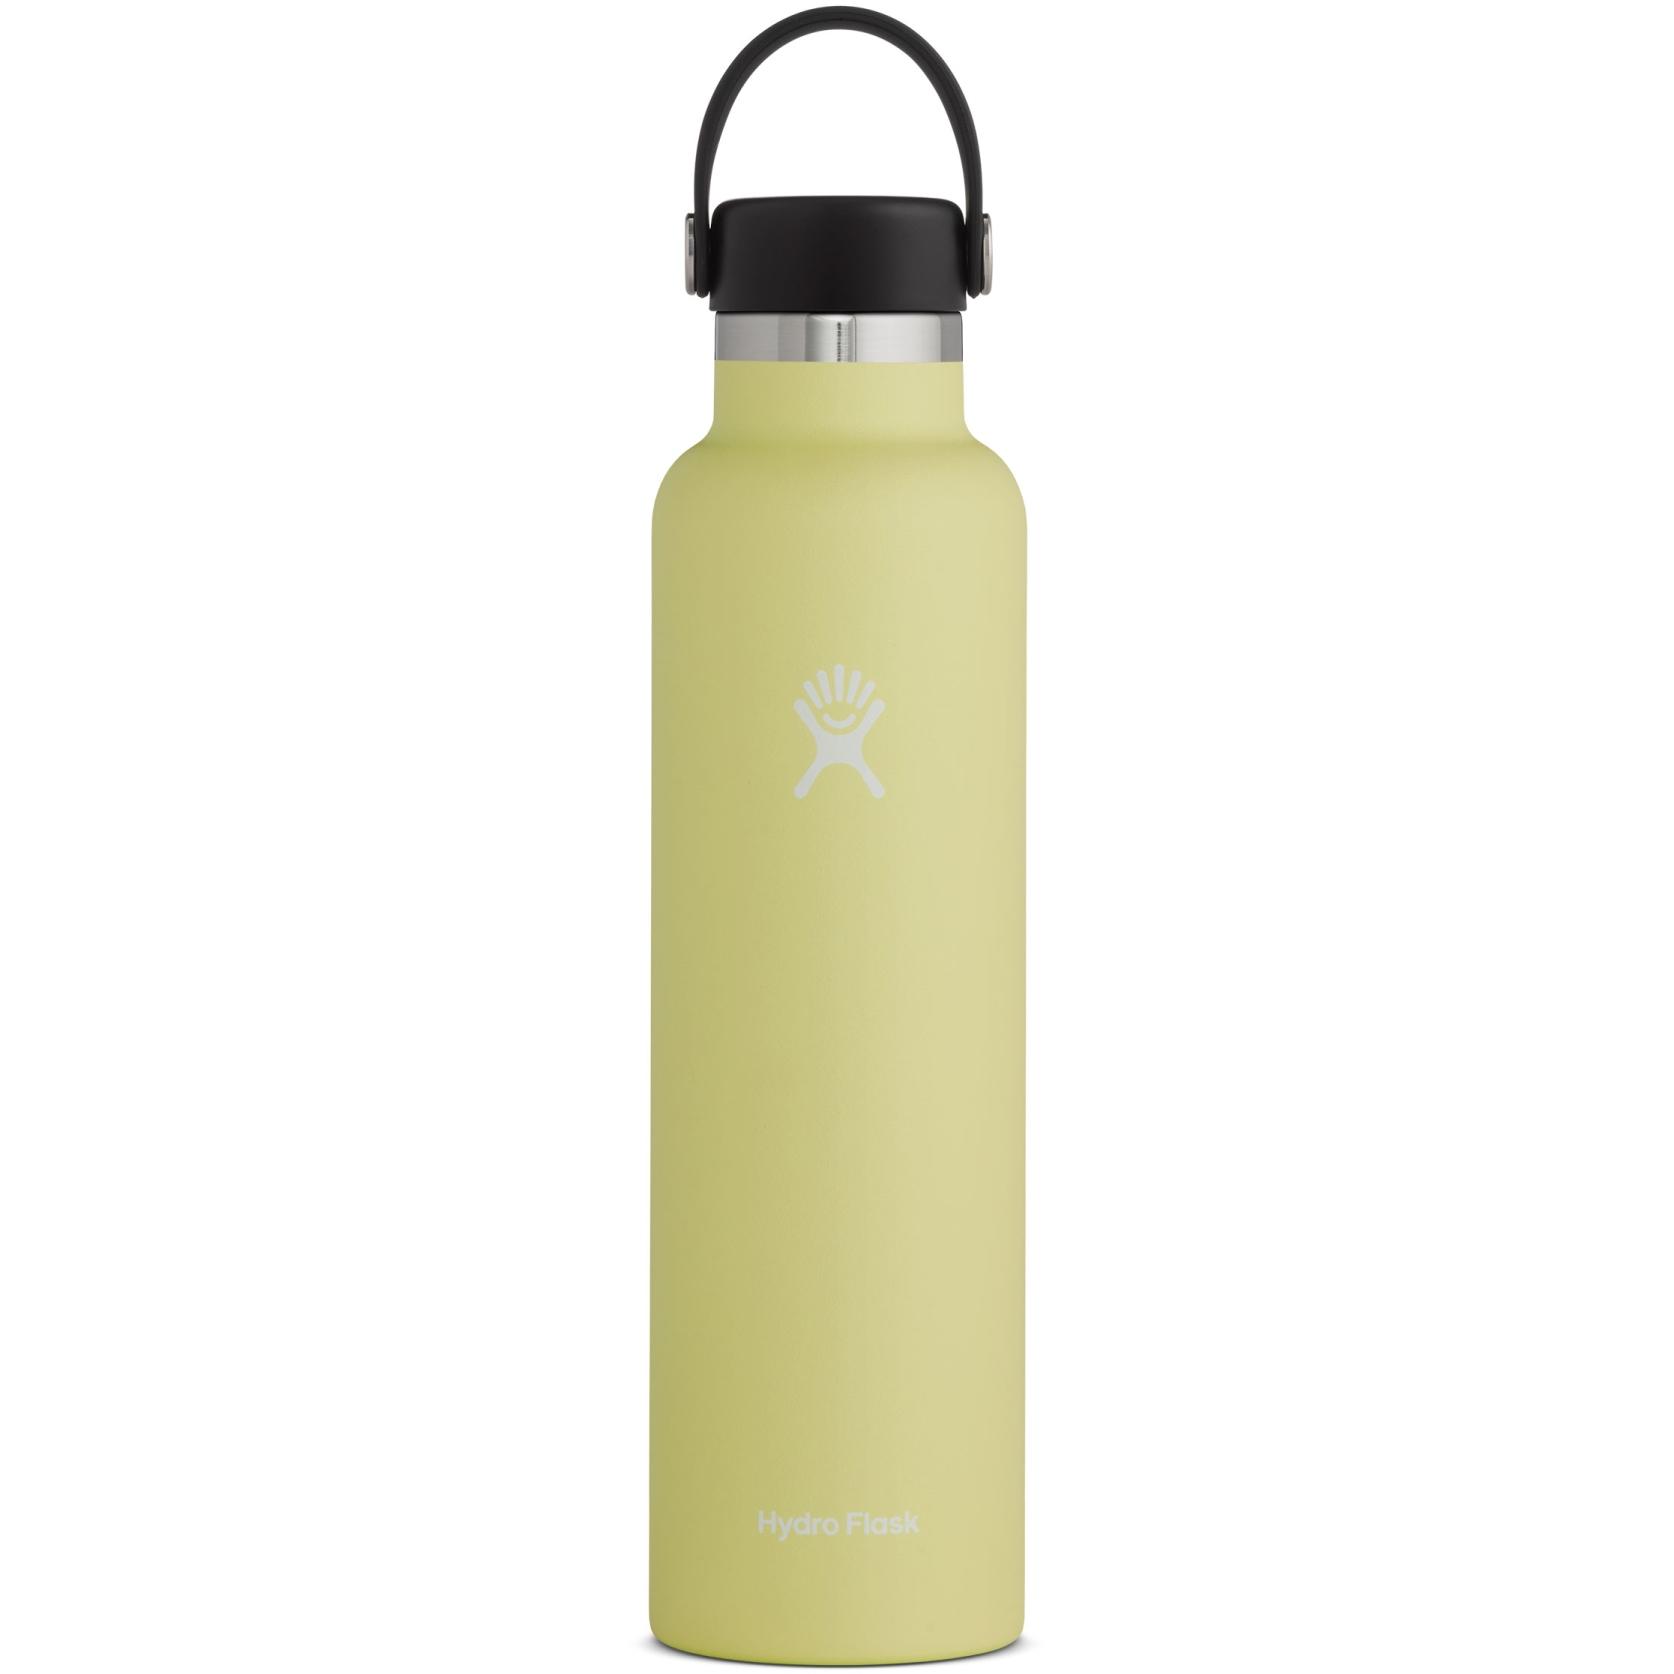 Produktbild von Hydro Flask 24oz Standard Mouth Flex Cap Thermoflasche 710ml - Pineapple